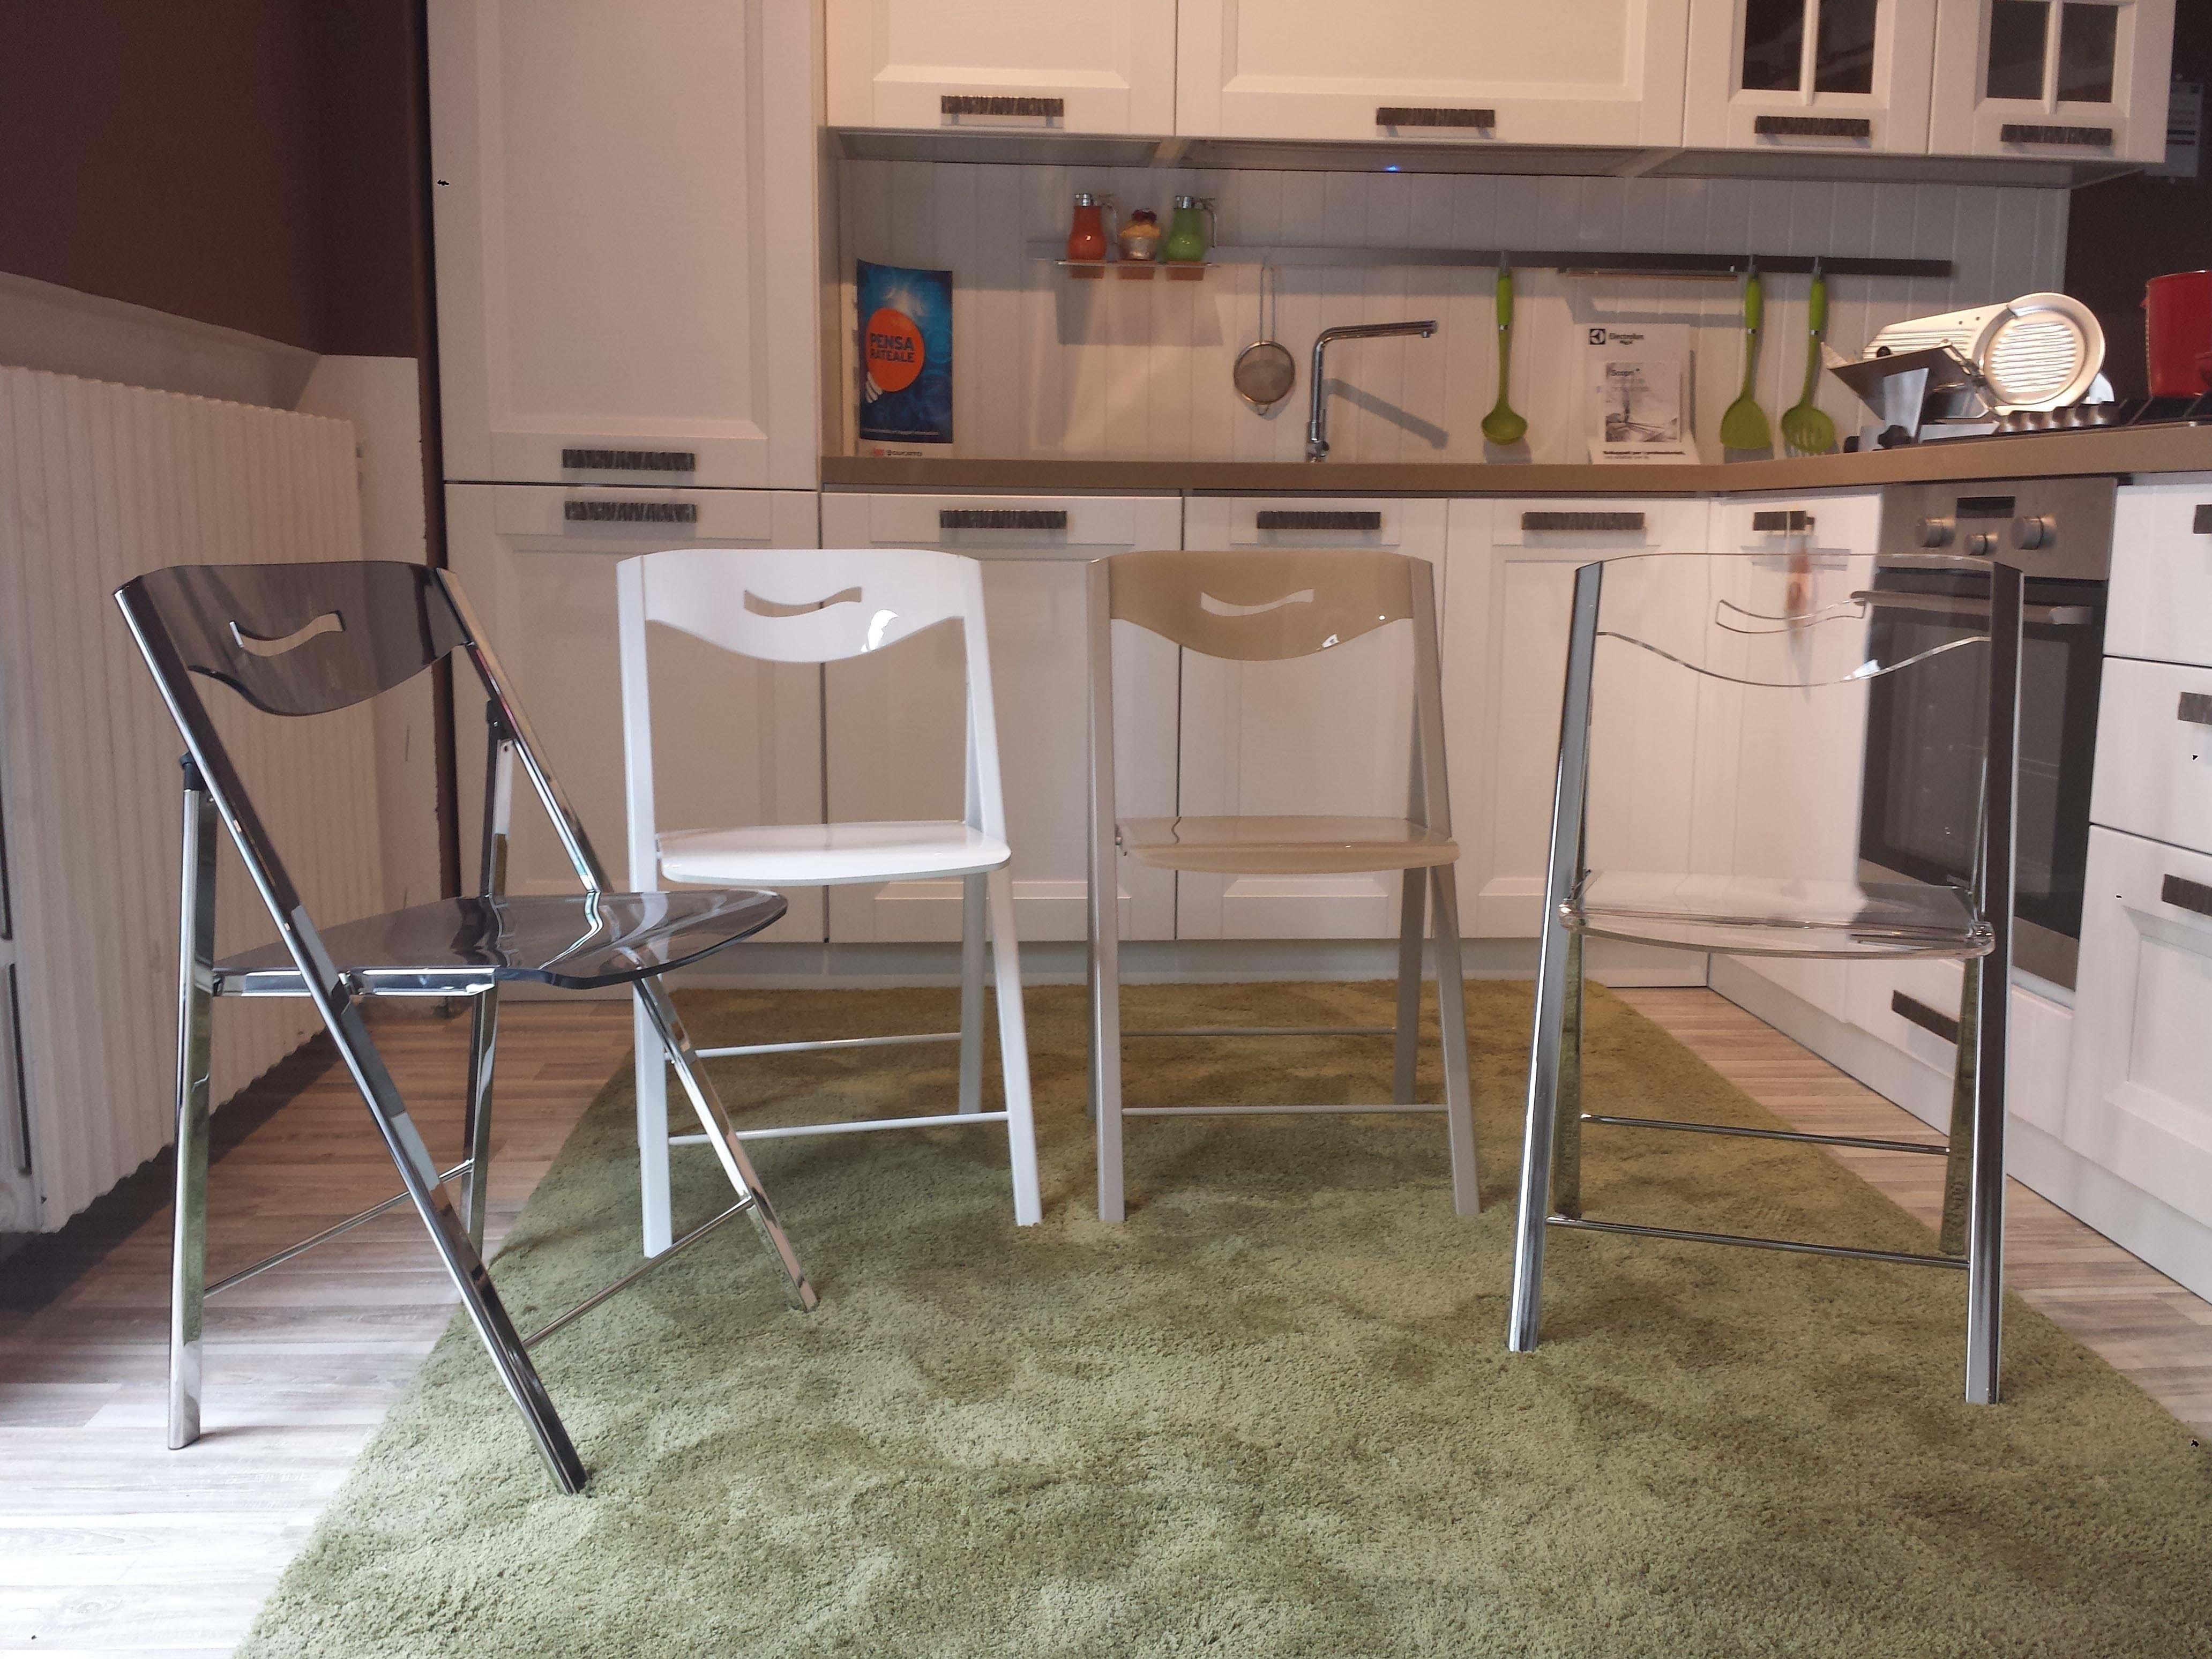 Ozzio sedia ripiego moderno sedie a prezzi scontati for Sedie pieghevoli prezzi